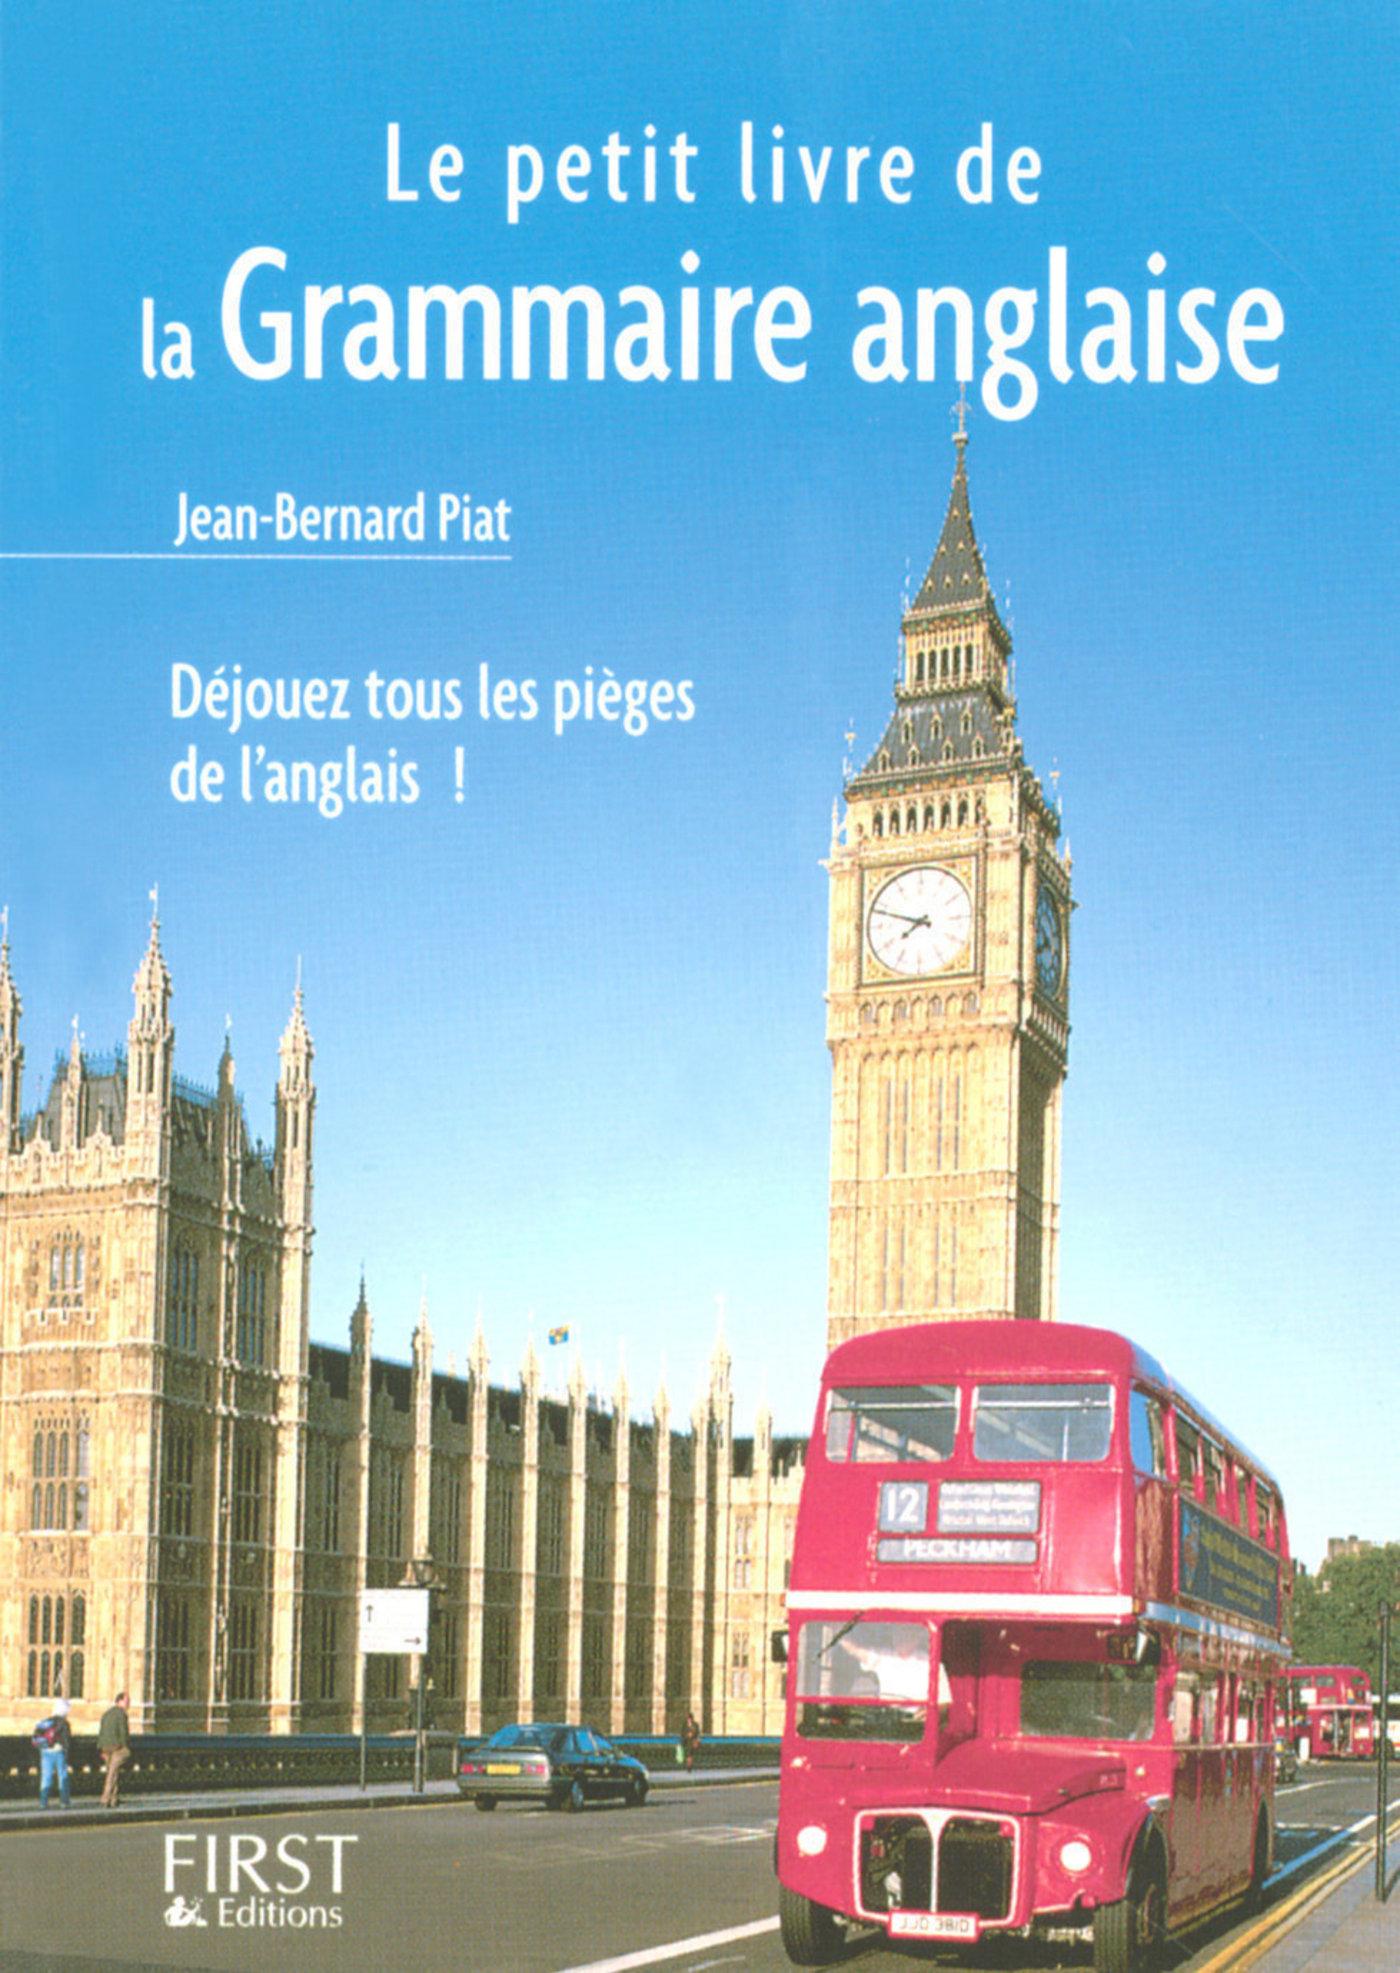 Le Petit Livre de - Grammaire anglaise (ebook)